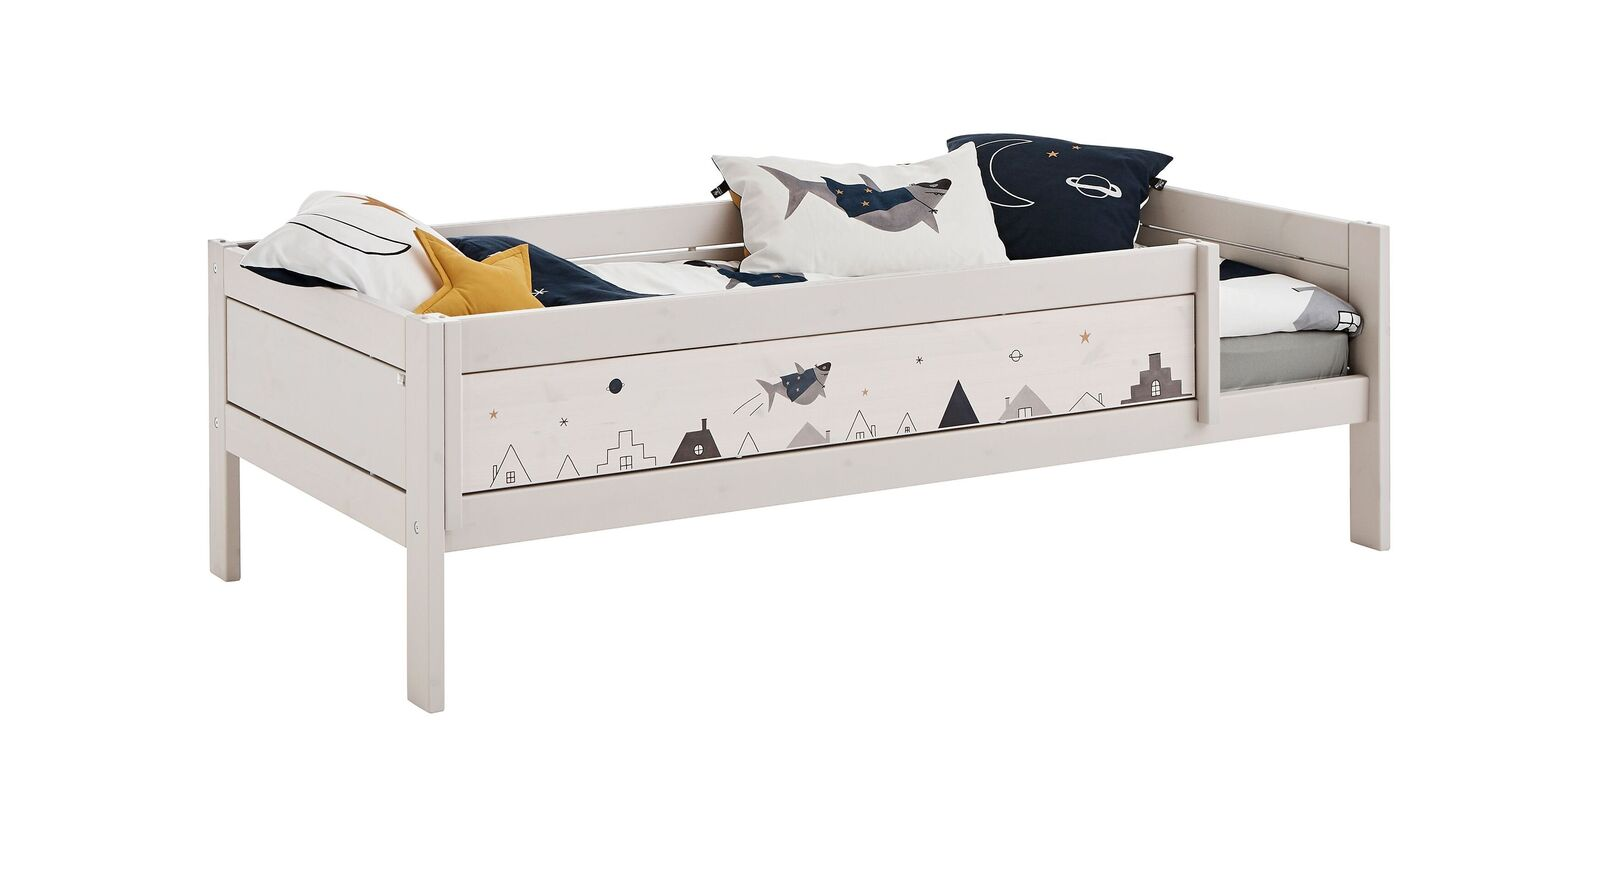 LIFETIME Kinderbett Space Dream in Grau lasiert